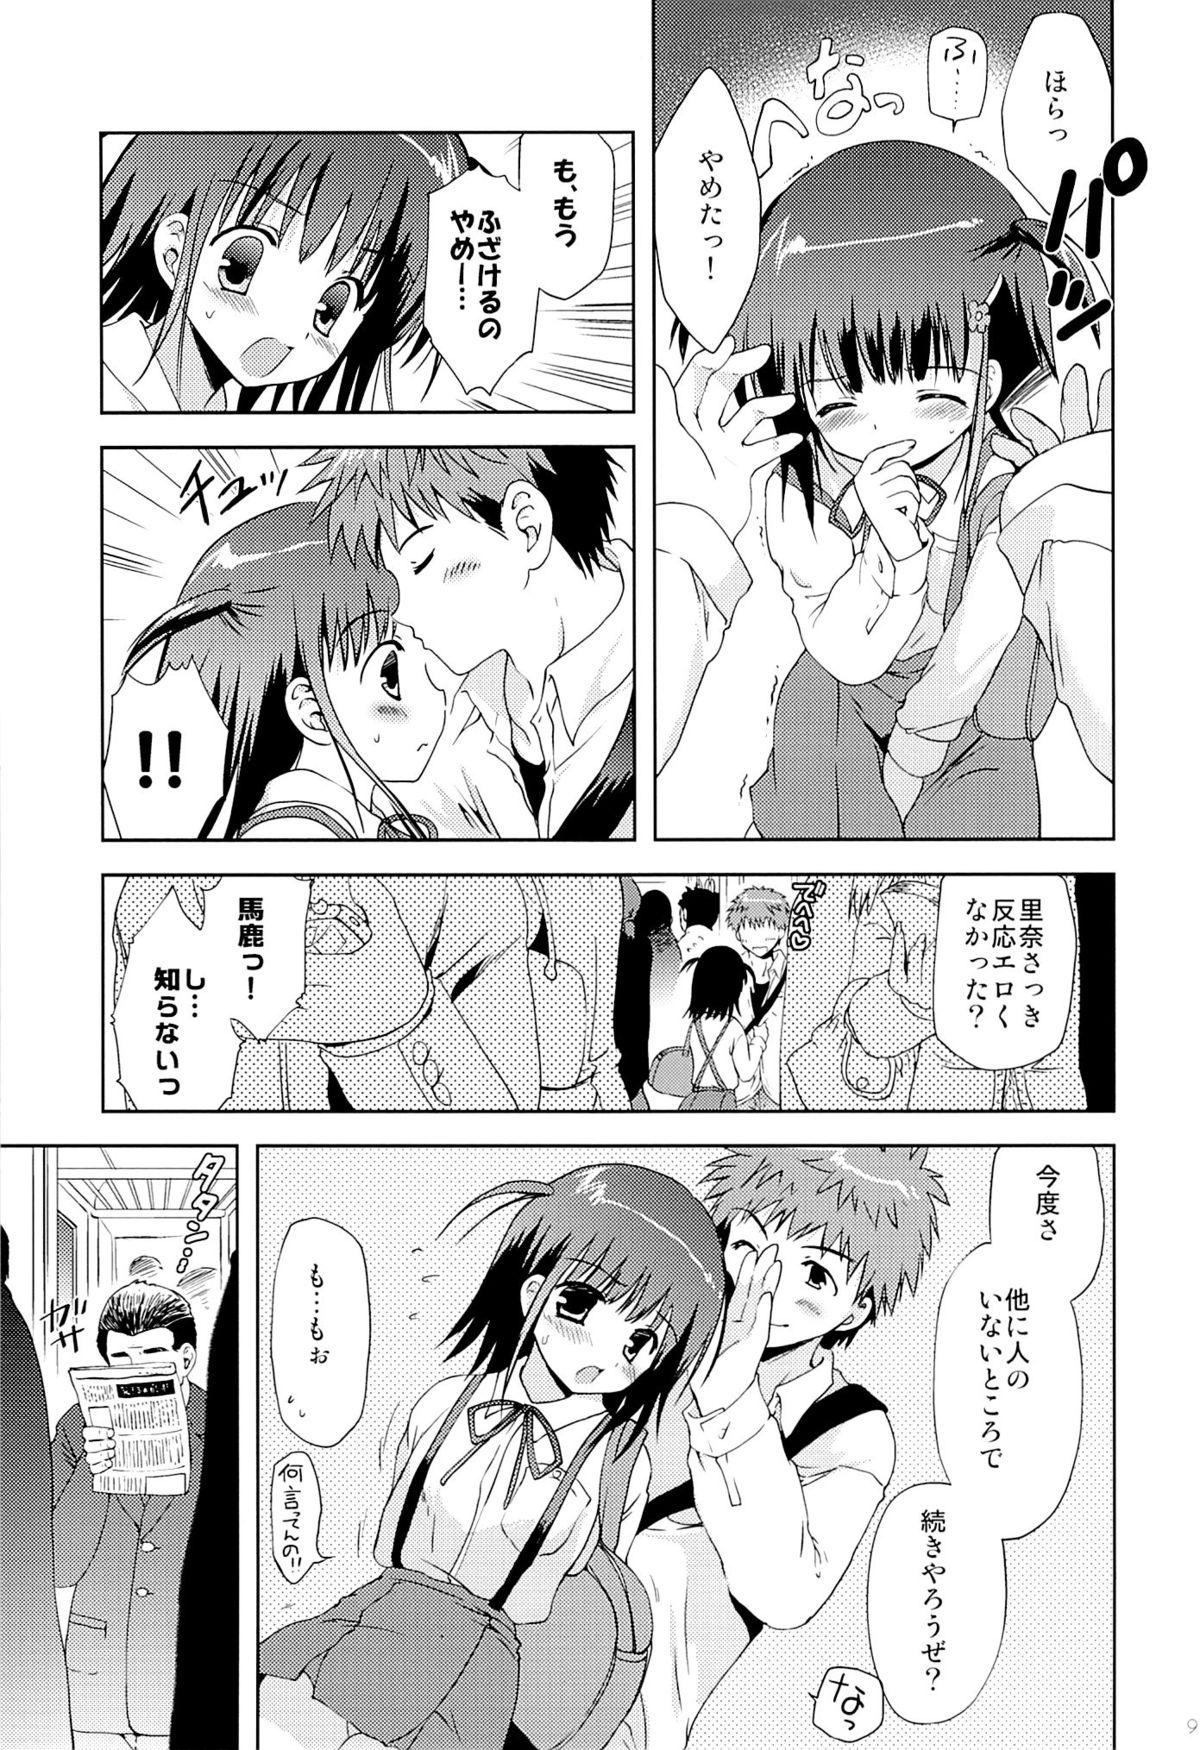 Atashi... Manin Densha no Naka de Shiranai Ojisan ni Shojo wo Ubawarechaimashita 7